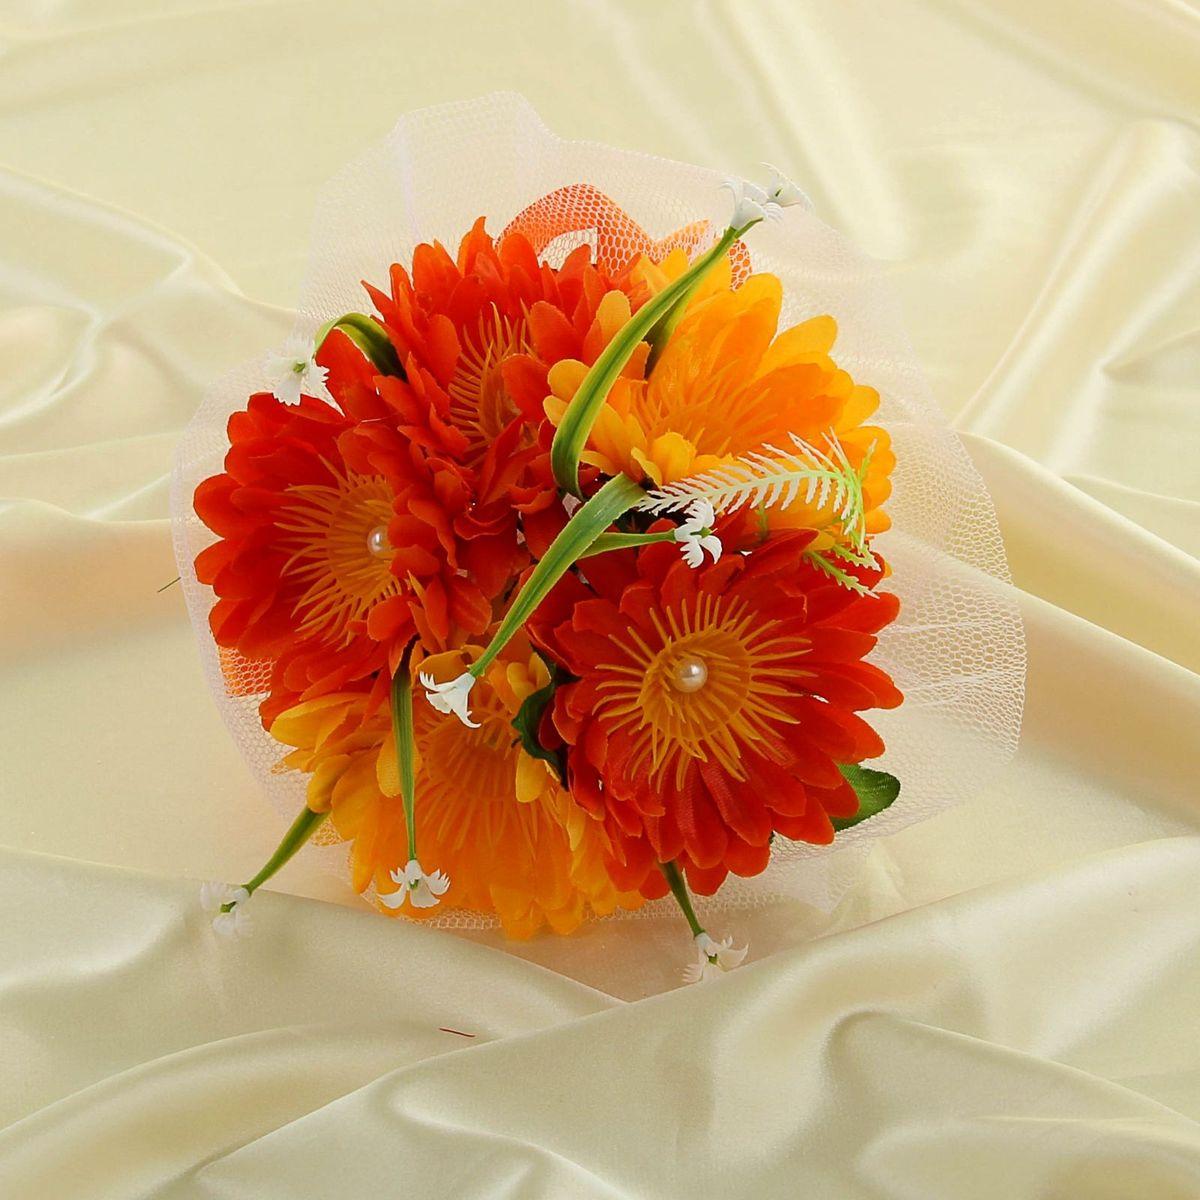 Букет-дублер Sima-land, цвет: оранжевый. 11350921135092Современные невесты используют букеты из искусственных материалов, потому что они легче, дешевле и не рассыпаются в полёте. Ведь для многих незамужних подружек поймать букет на свадьбе — шанс осуществления заветной мечты. Кроме свадебной тематики изделие используют для фотосессий, так как оно не утрачивает праздничный вид даже в непогоду, и как элемент украшения интерьера. Оригинальный букет будет, несомненно, в центре внимания на торжественном событии.